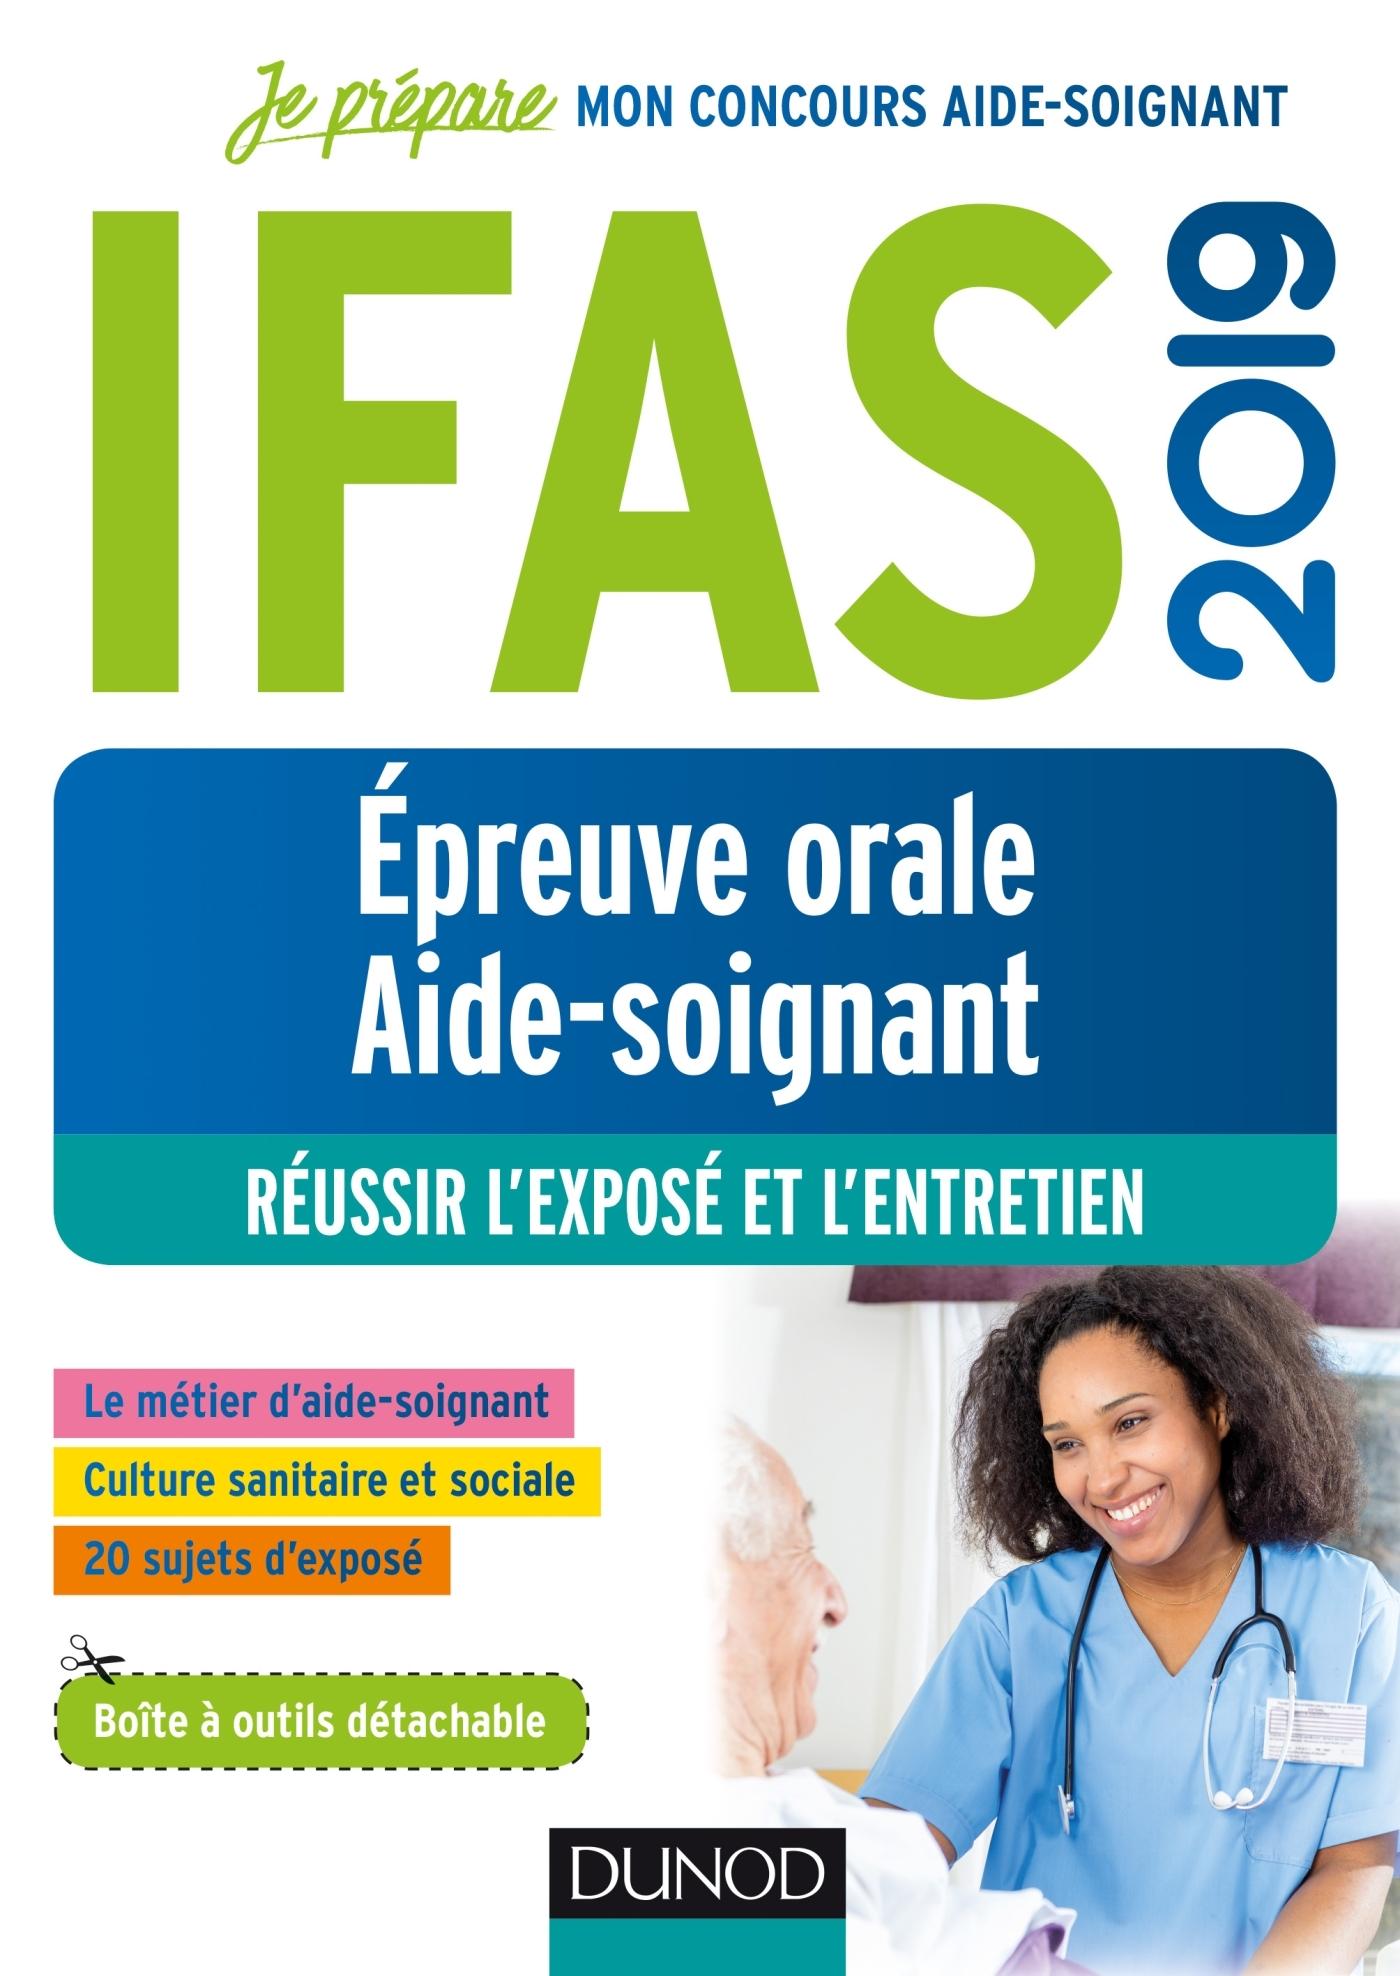 IFAS 2019 - EPREUVE ORALE CONCOURS AIDE-SOIGNANT - REUSSIR L'EXPOSE ET L'ENTRETIEN